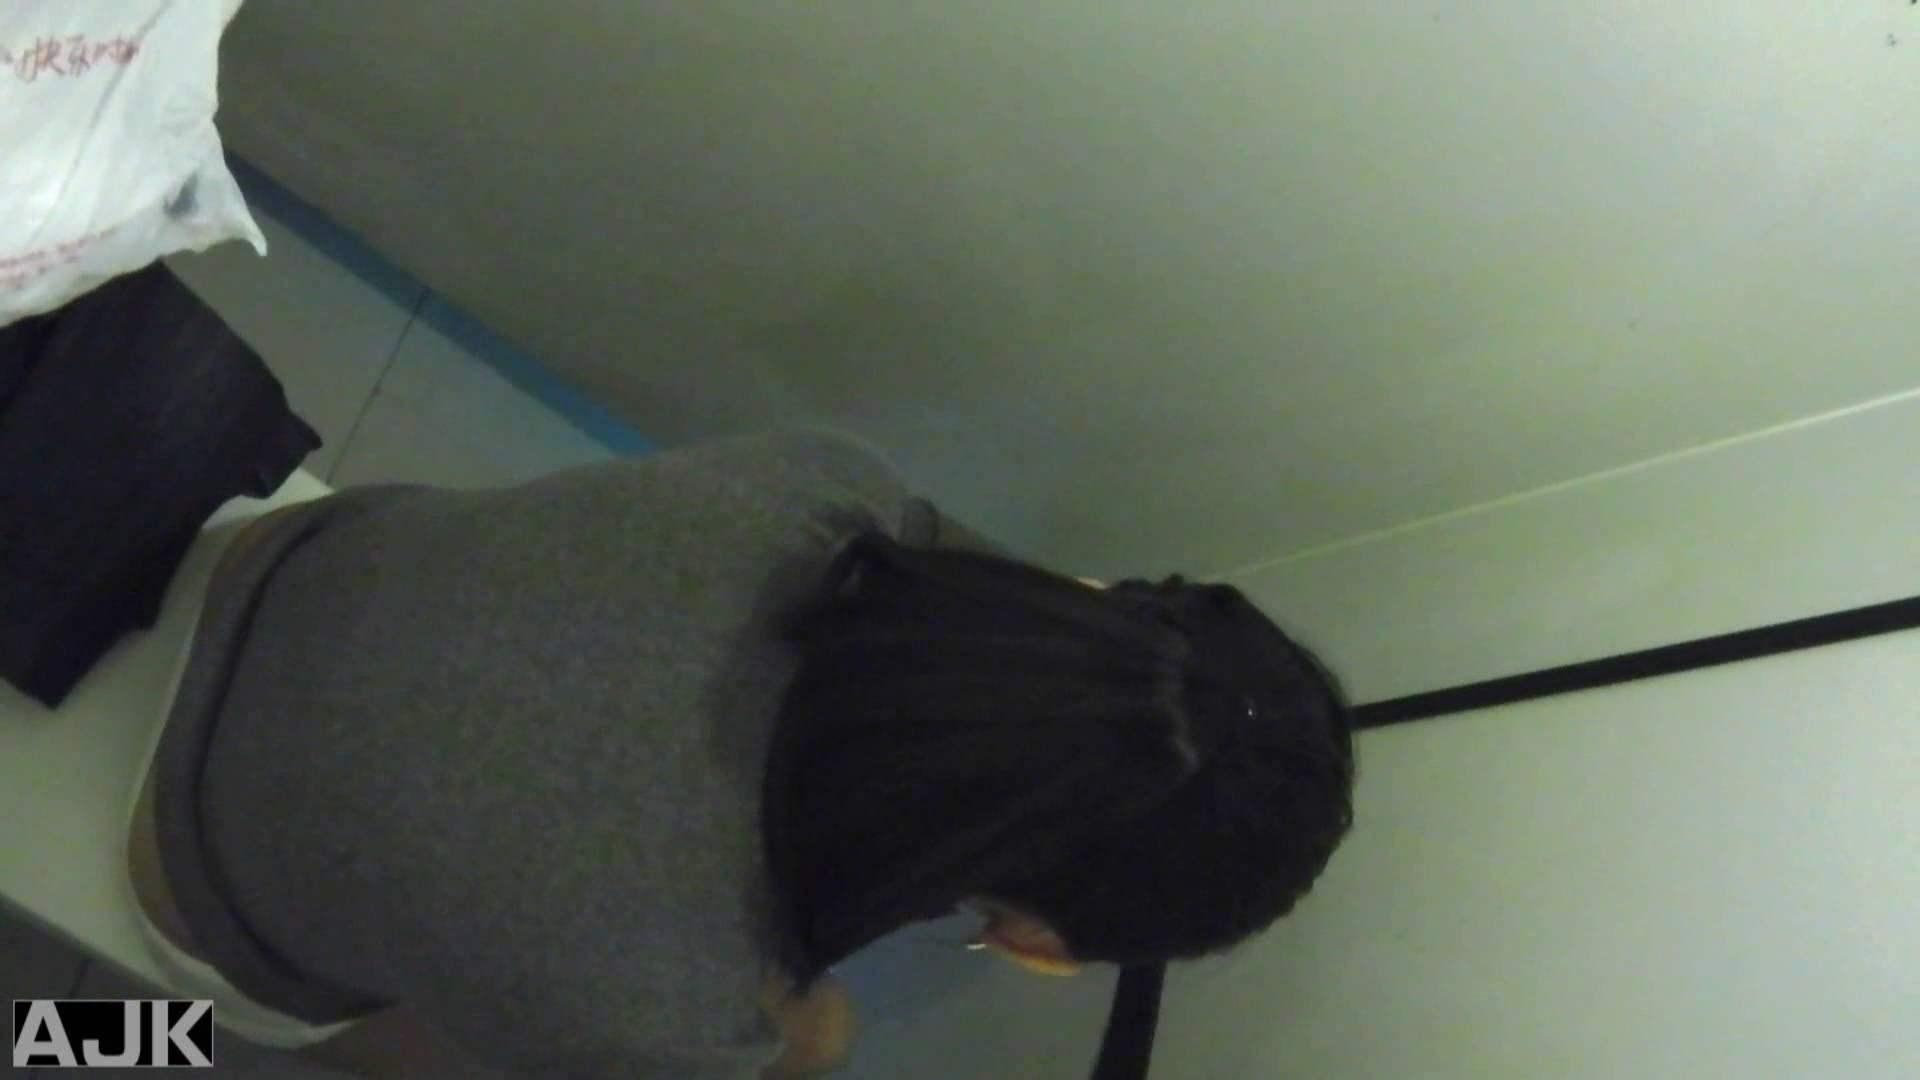 隣国上階級エリアの令嬢たちが集うデパートお手洗い Vol.21 洗面所 オメコ動画キャプチャ 93画像 35